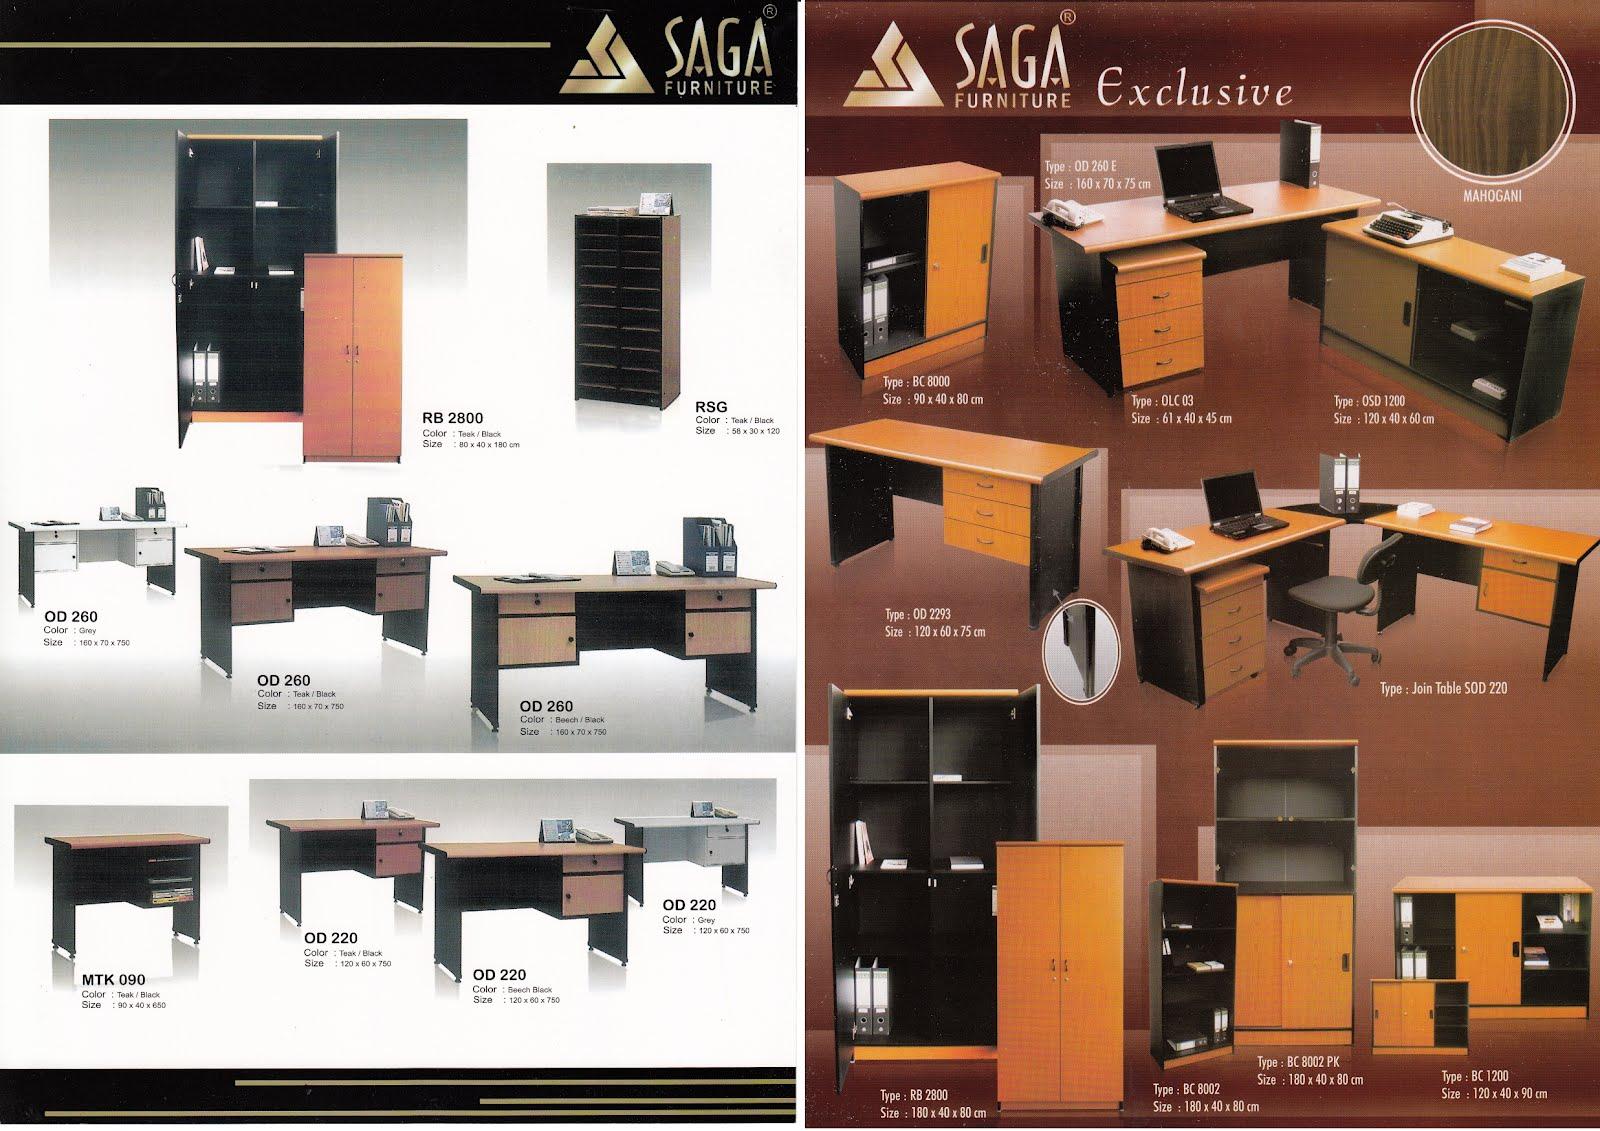 saga office furniture talenta online shop. Black Bedroom Furniture Sets. Home Design Ideas